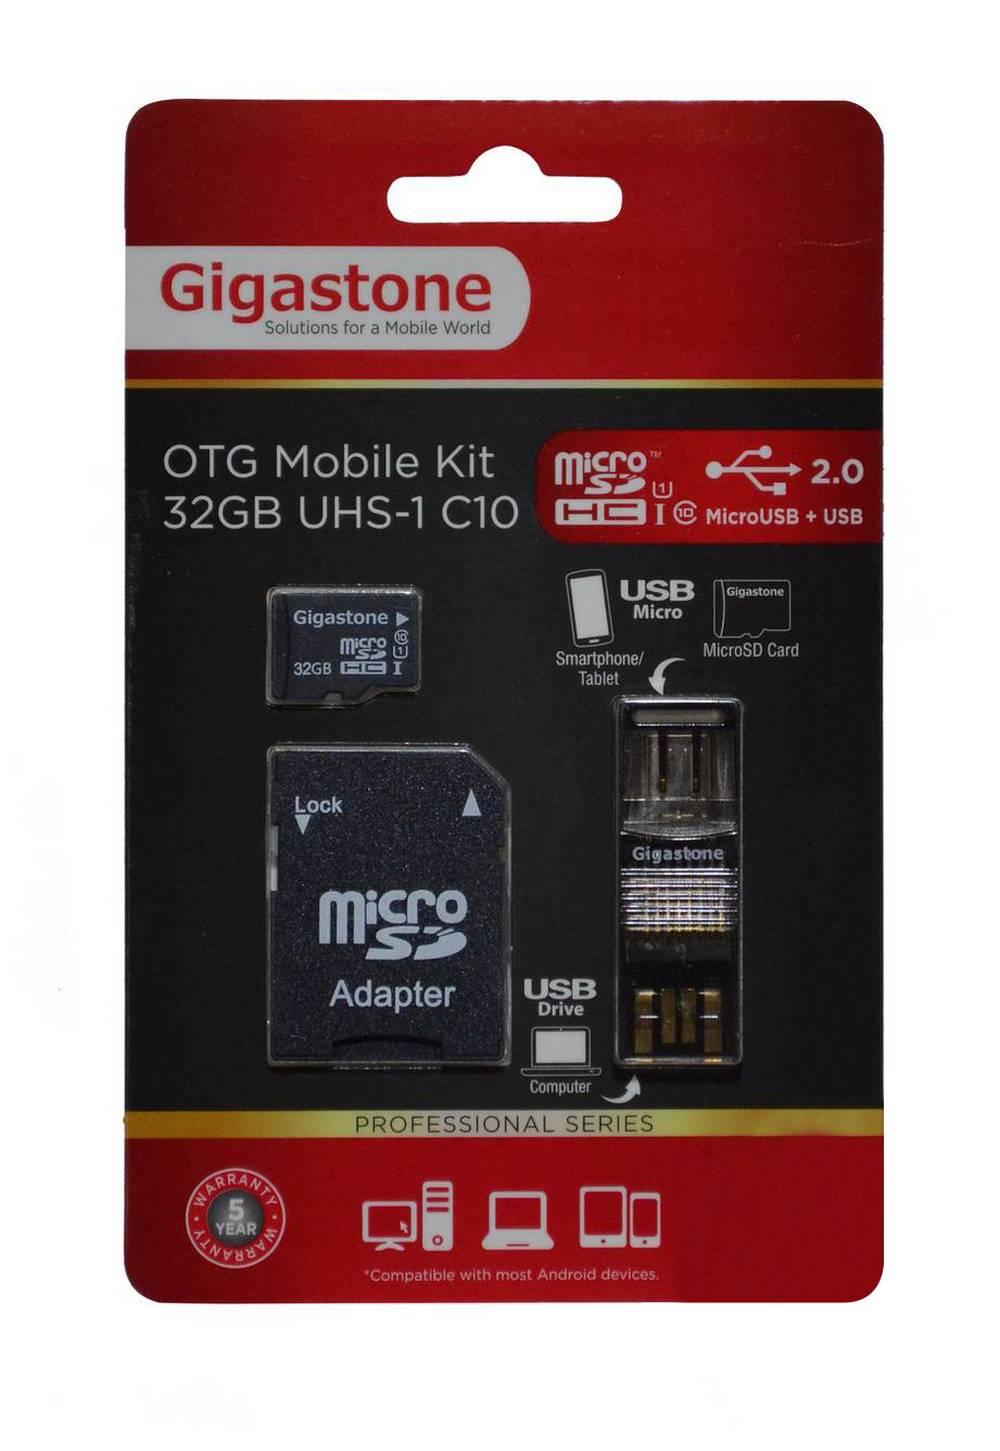 Κάρτα Μνήμης Gigastone MicroSDHC 32GB UHS-1 Class 10 Professional Series με SD Αντάπτορα + OTG Gigastone για Κάρτες Μνήμης Micro SD U102